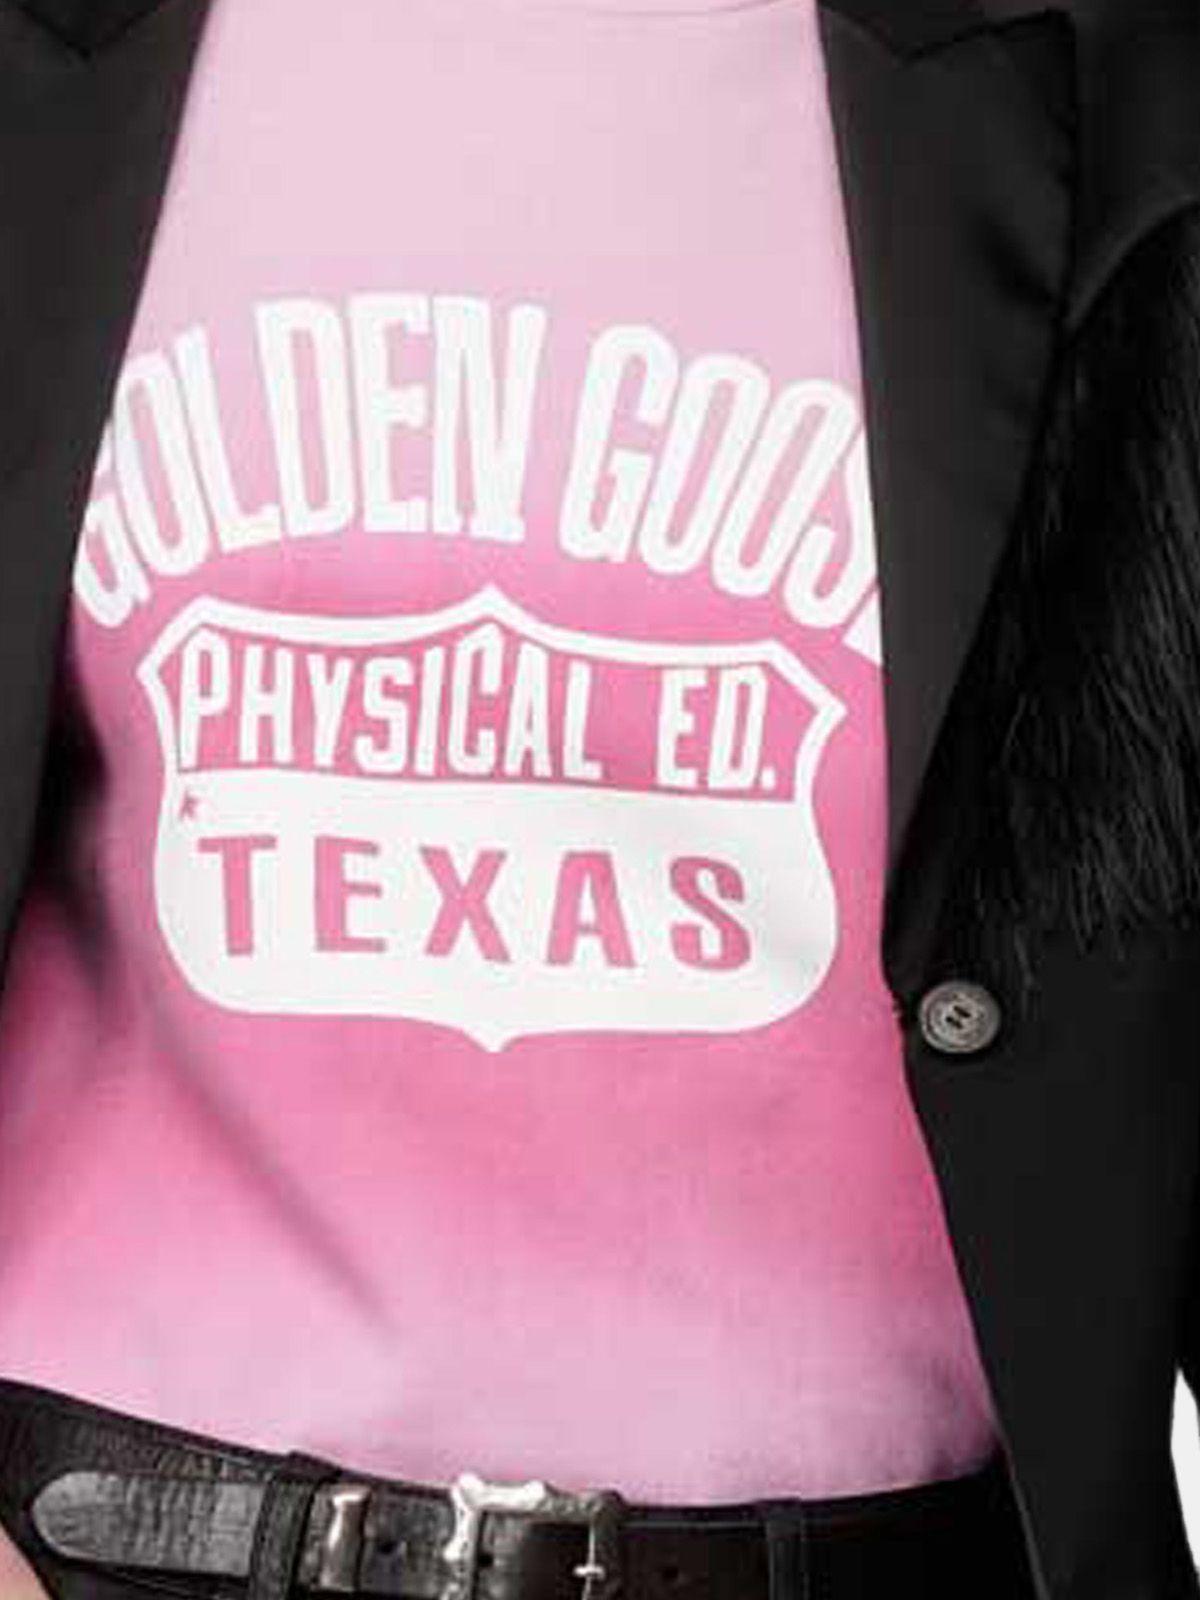 Golden Goose - Felpa Sharon girocollo tie-dye con stampa Texas in